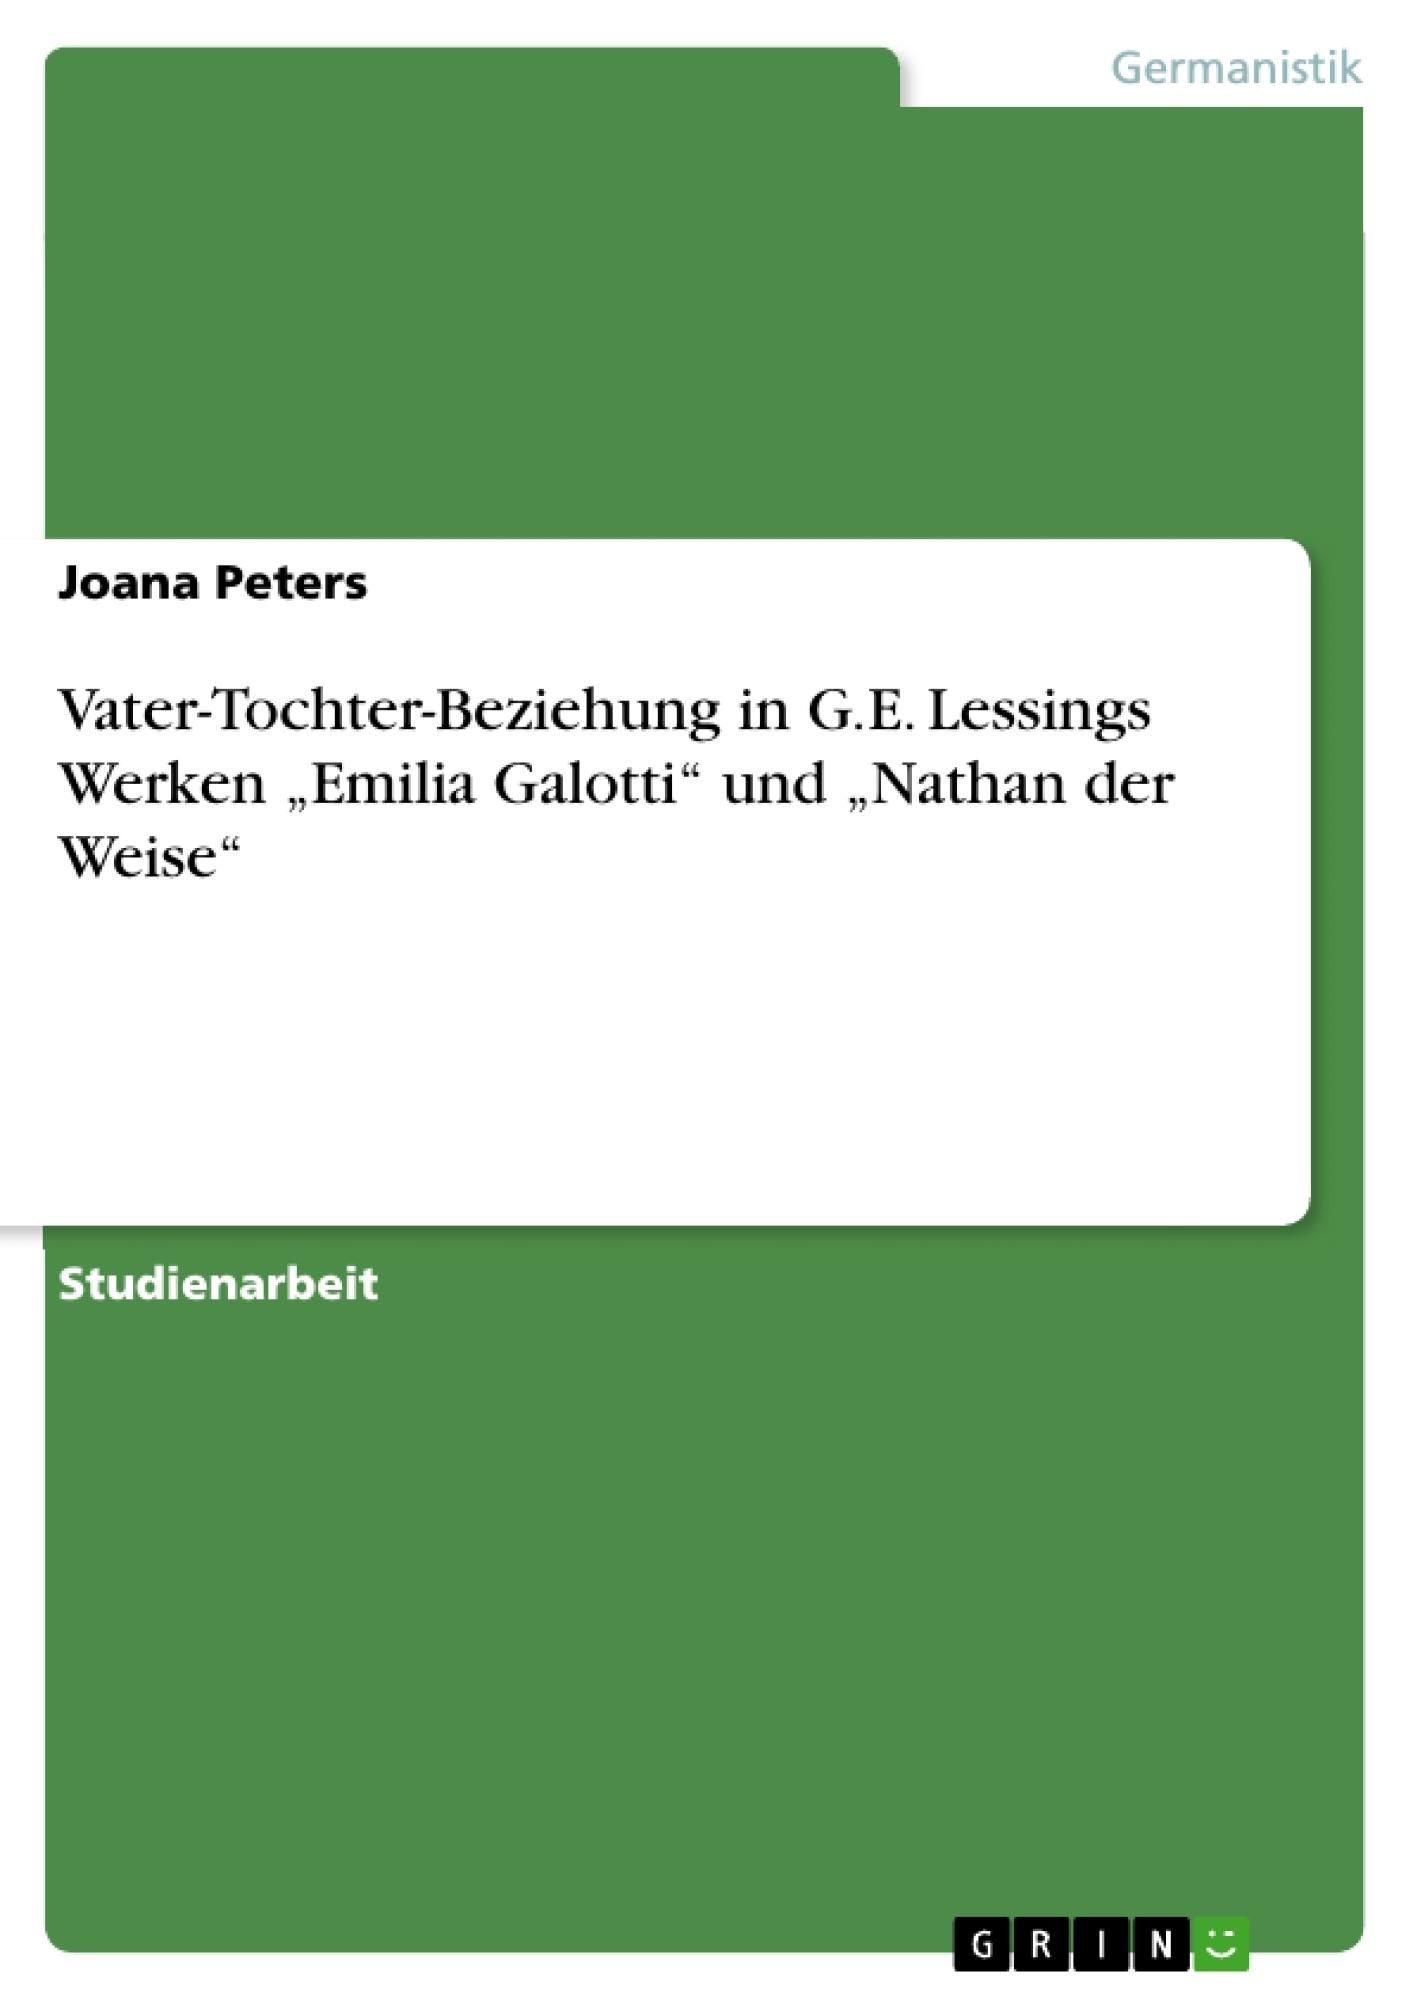 """Titel: Vater-Tochter-Beziehung in G.E. Lessings Werken """"Emilia Galotti"""" und """"Nathan der Weise"""""""